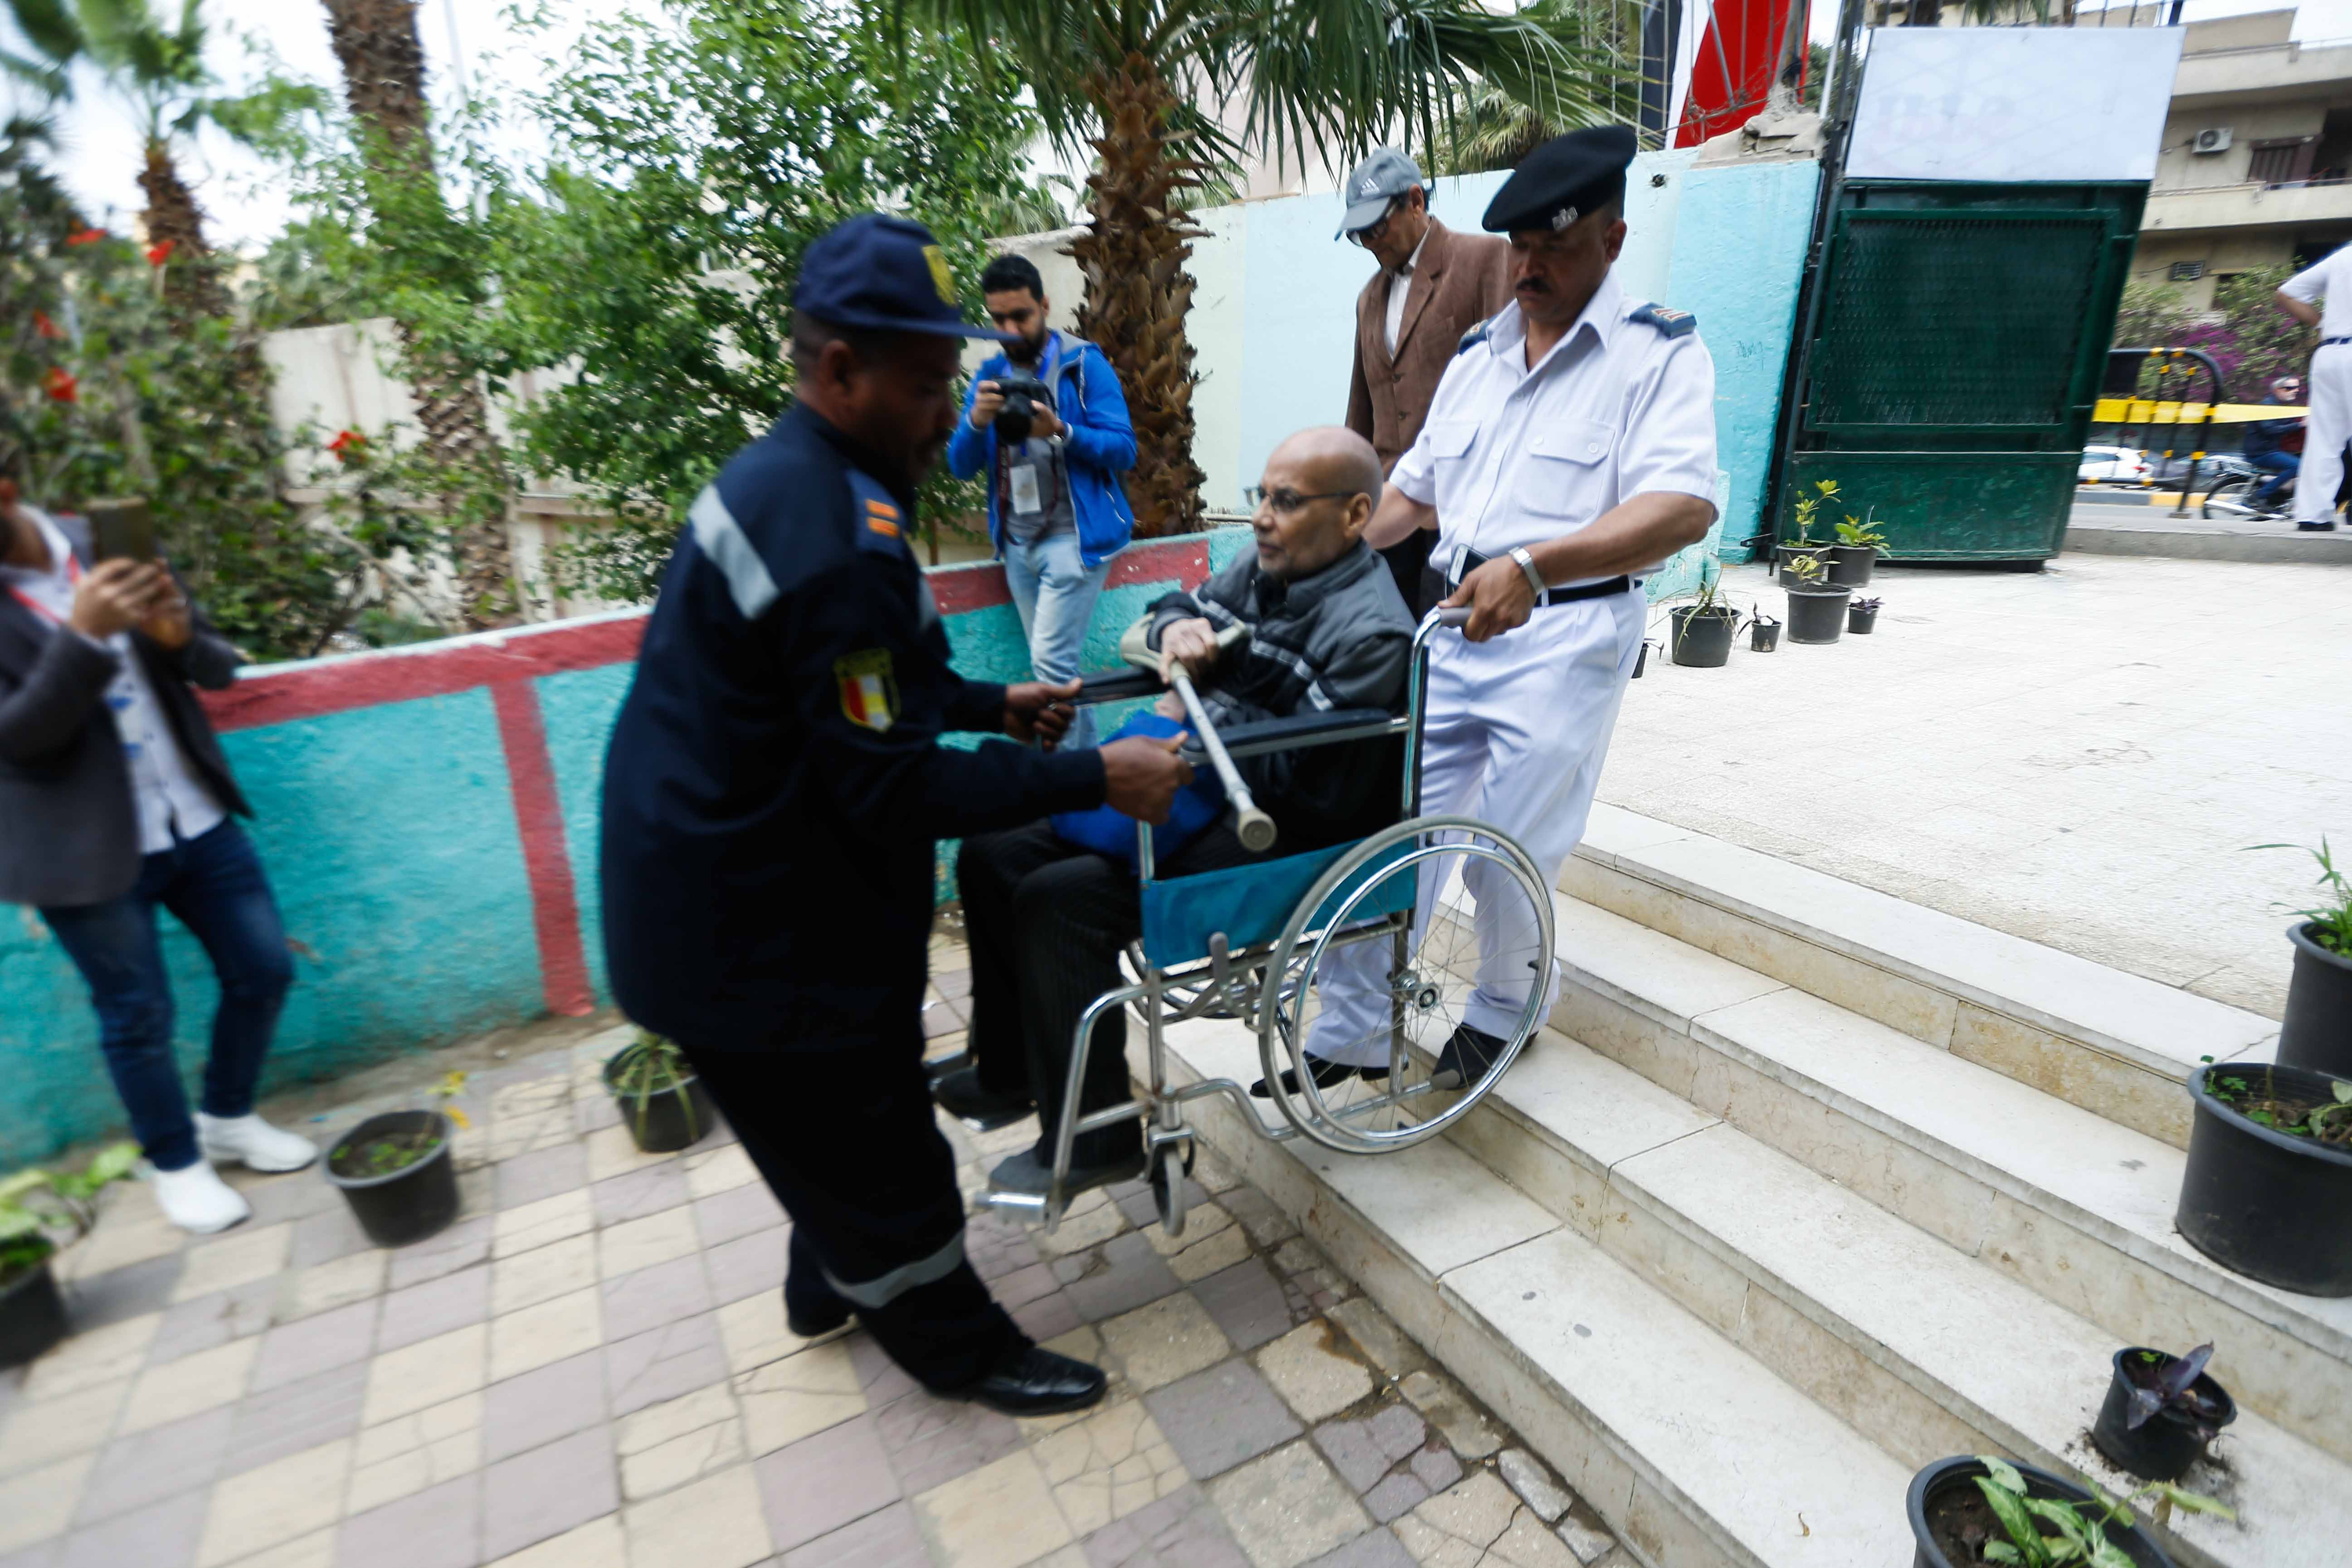 المسن يحرص على التصويت بالتعديلات الدستورية على كرسي متحرك